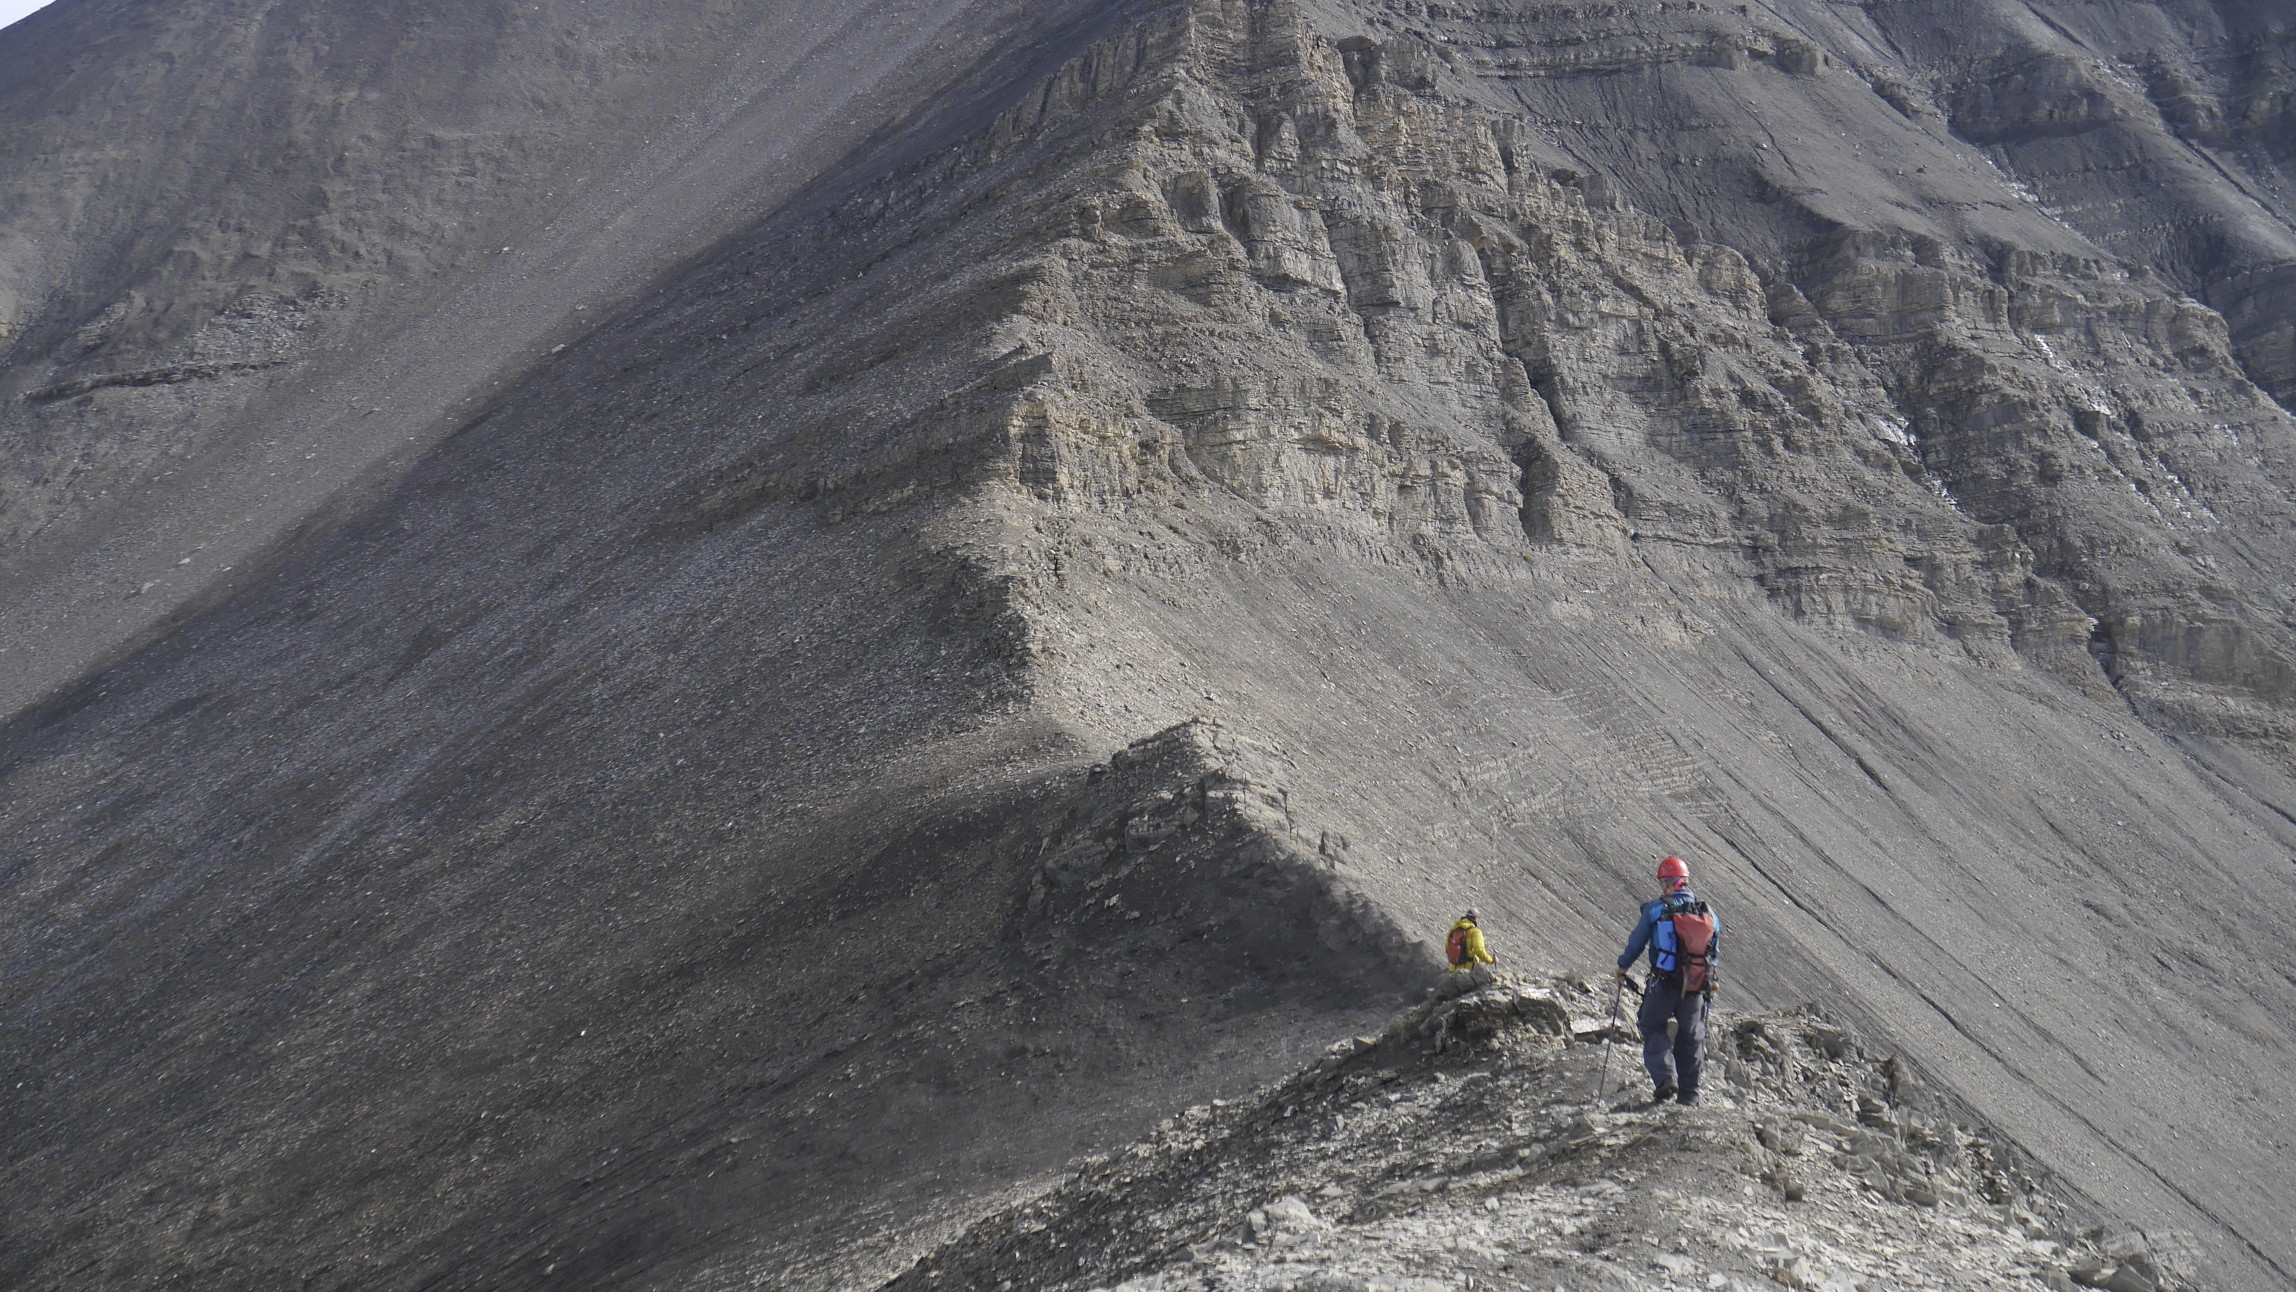 On Nigel Peak